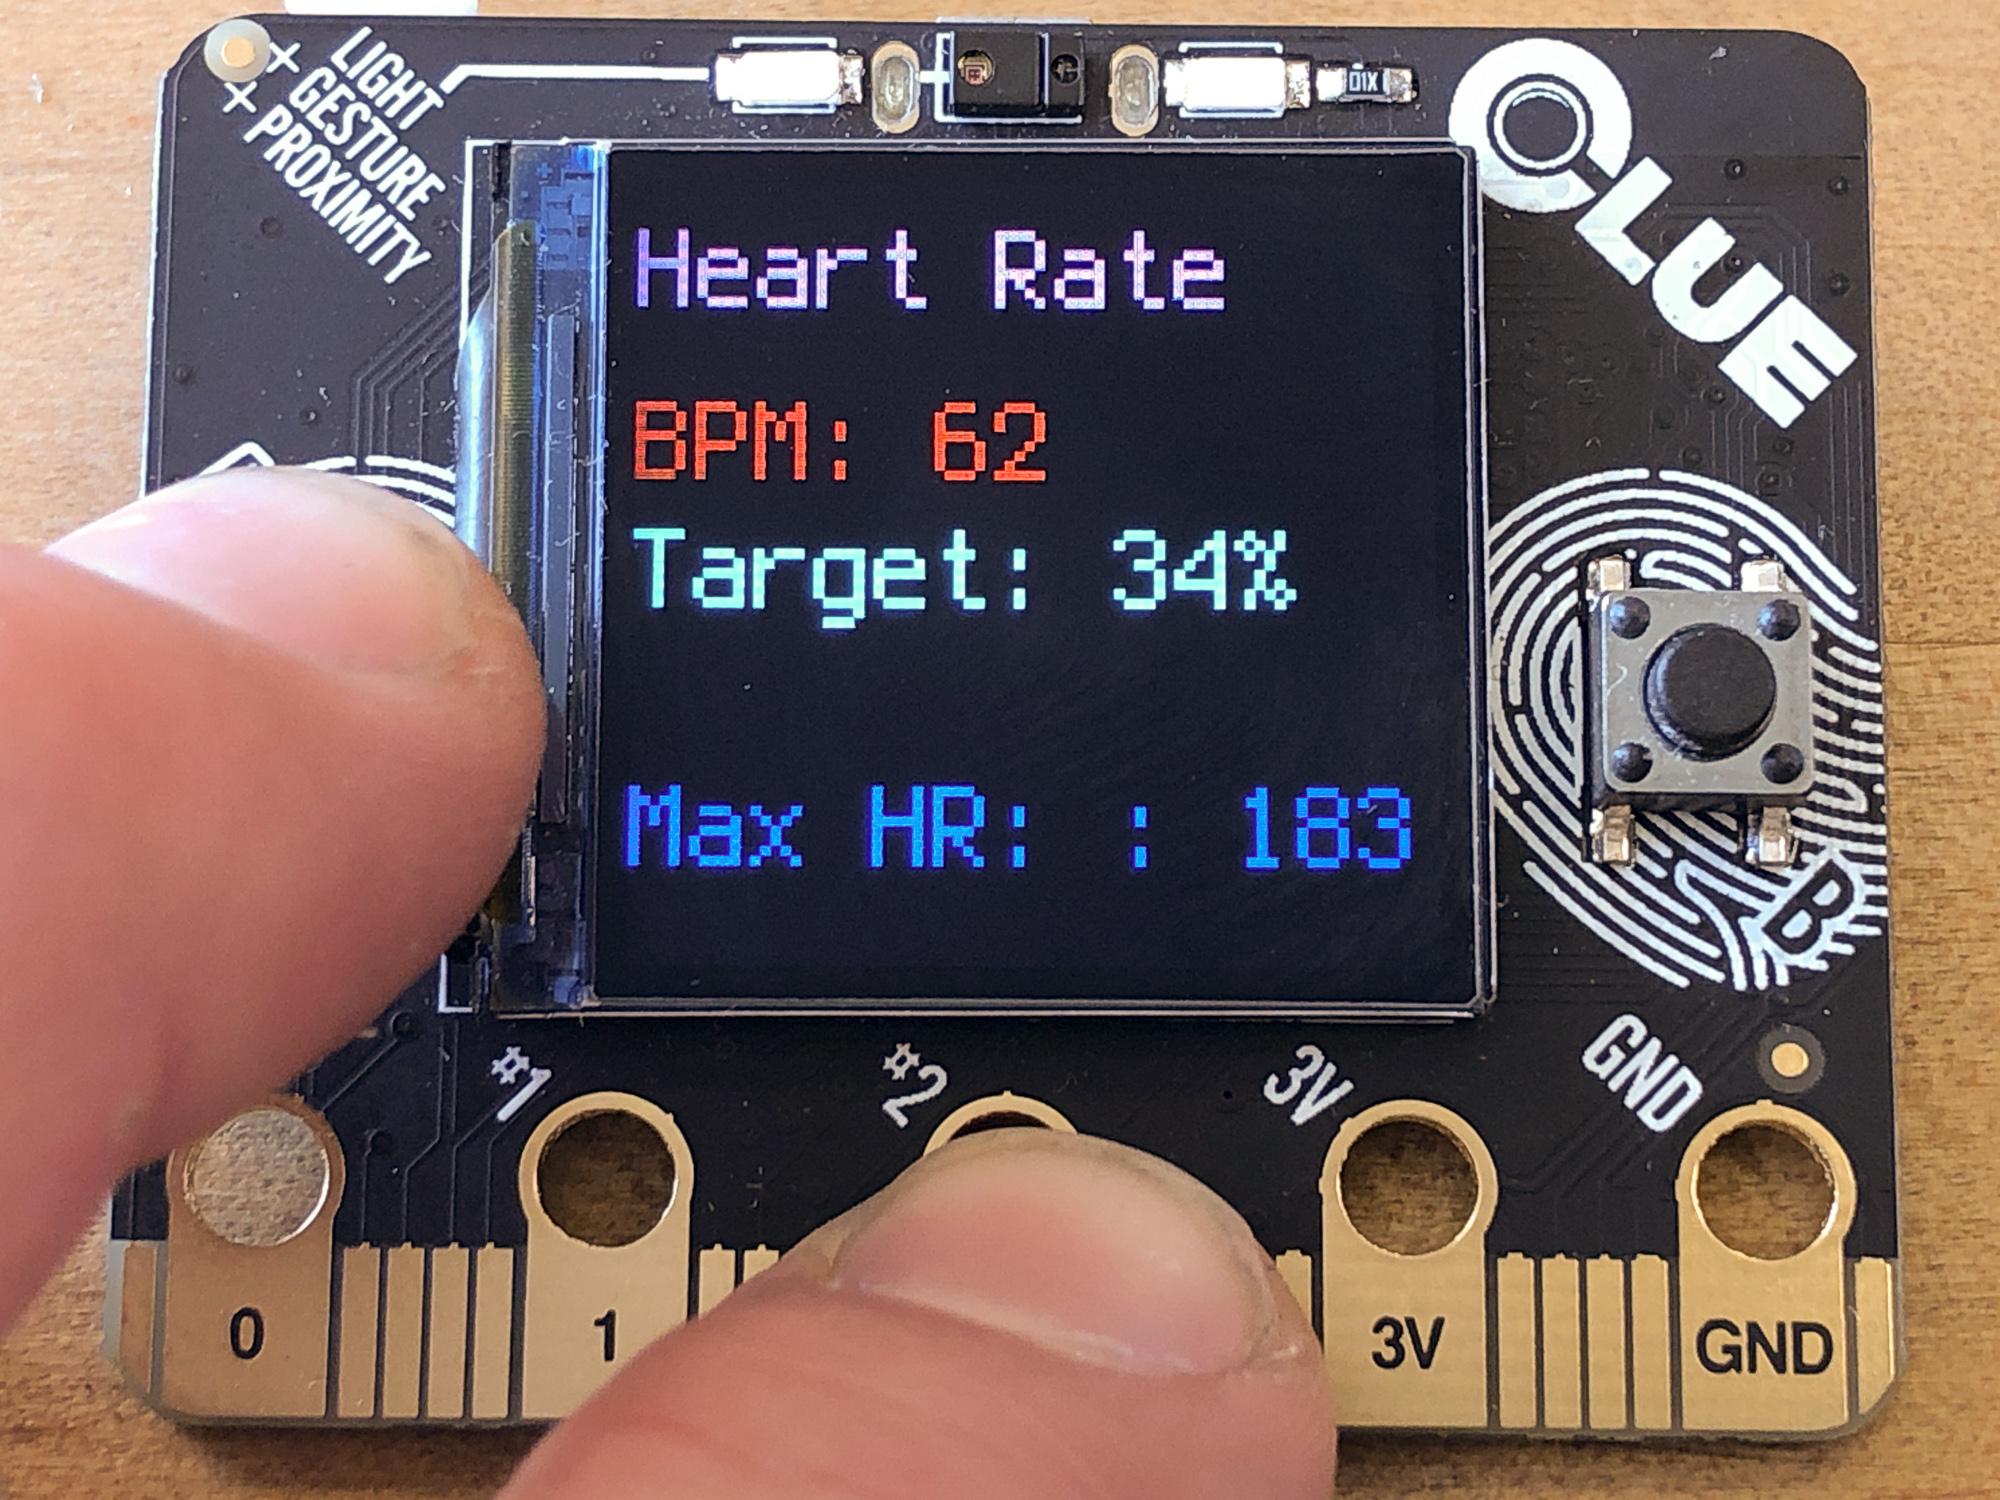 sensors_clue_hr-11.jpg